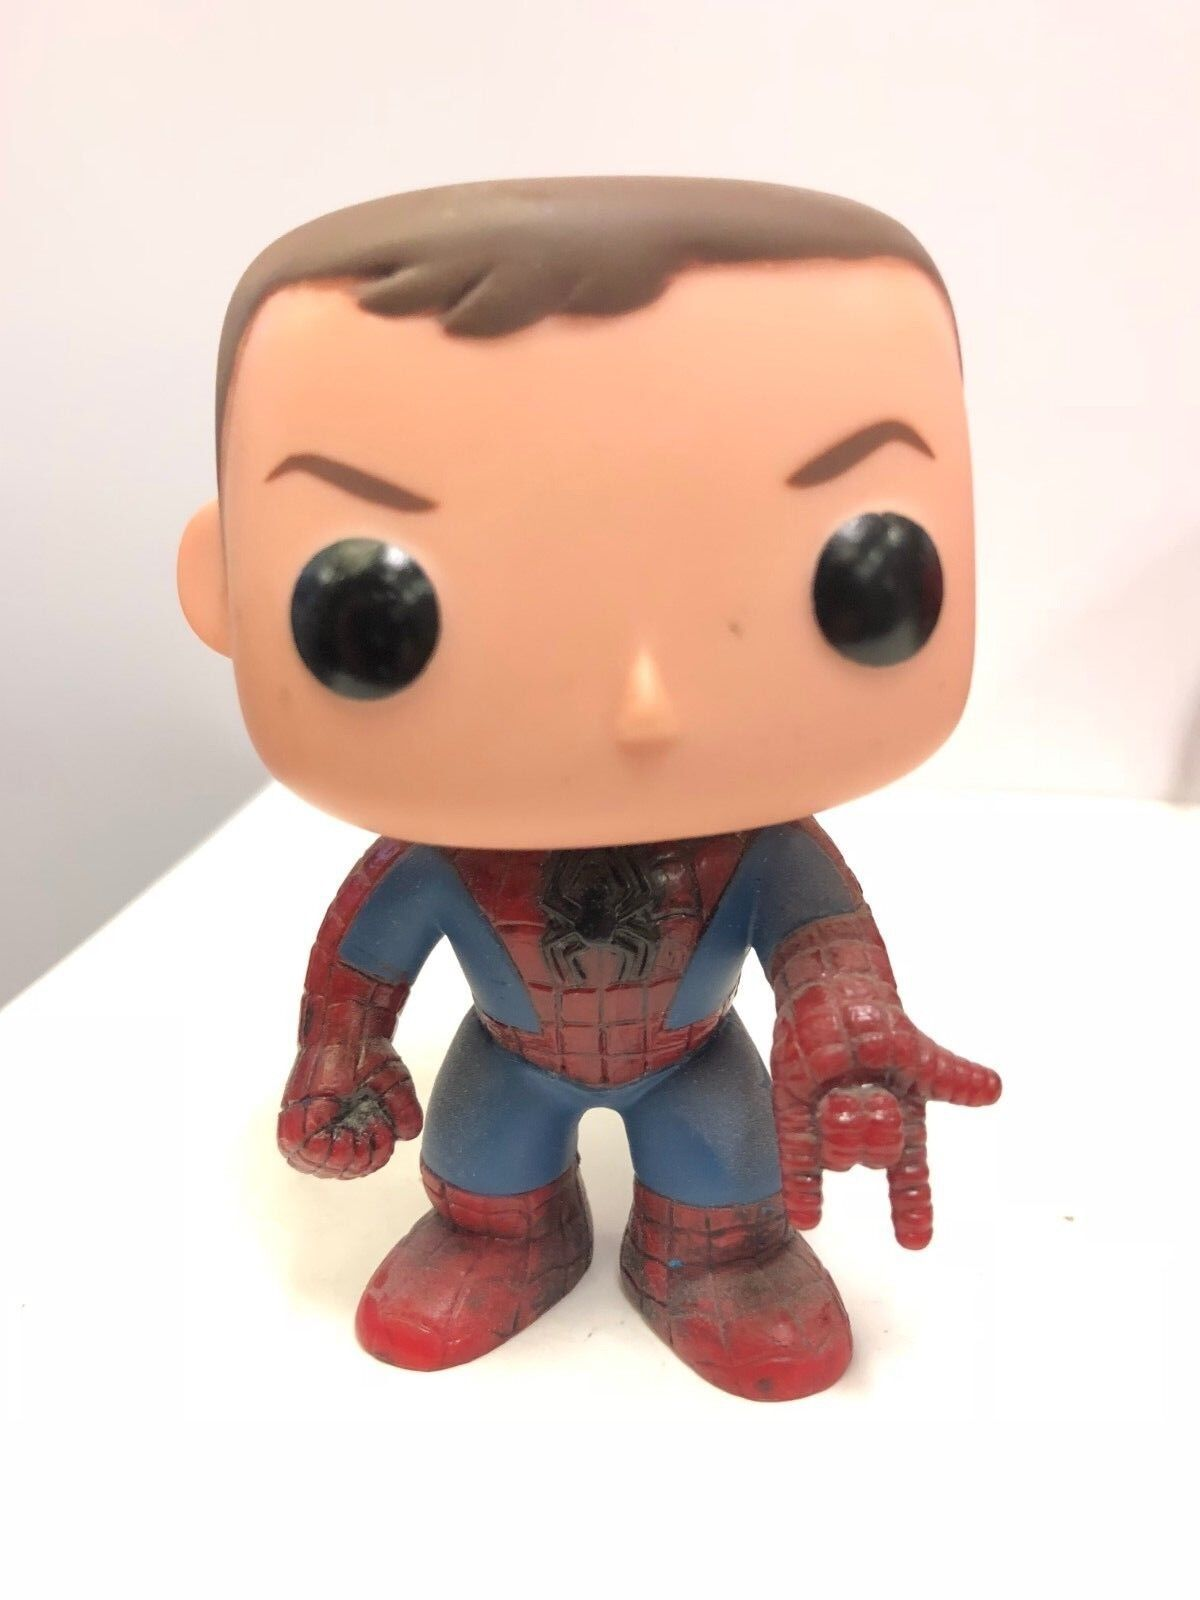 Marvel Comikaze Esclusivo Peter Parker Pop Vinile Personaggio  34 Funko 2013